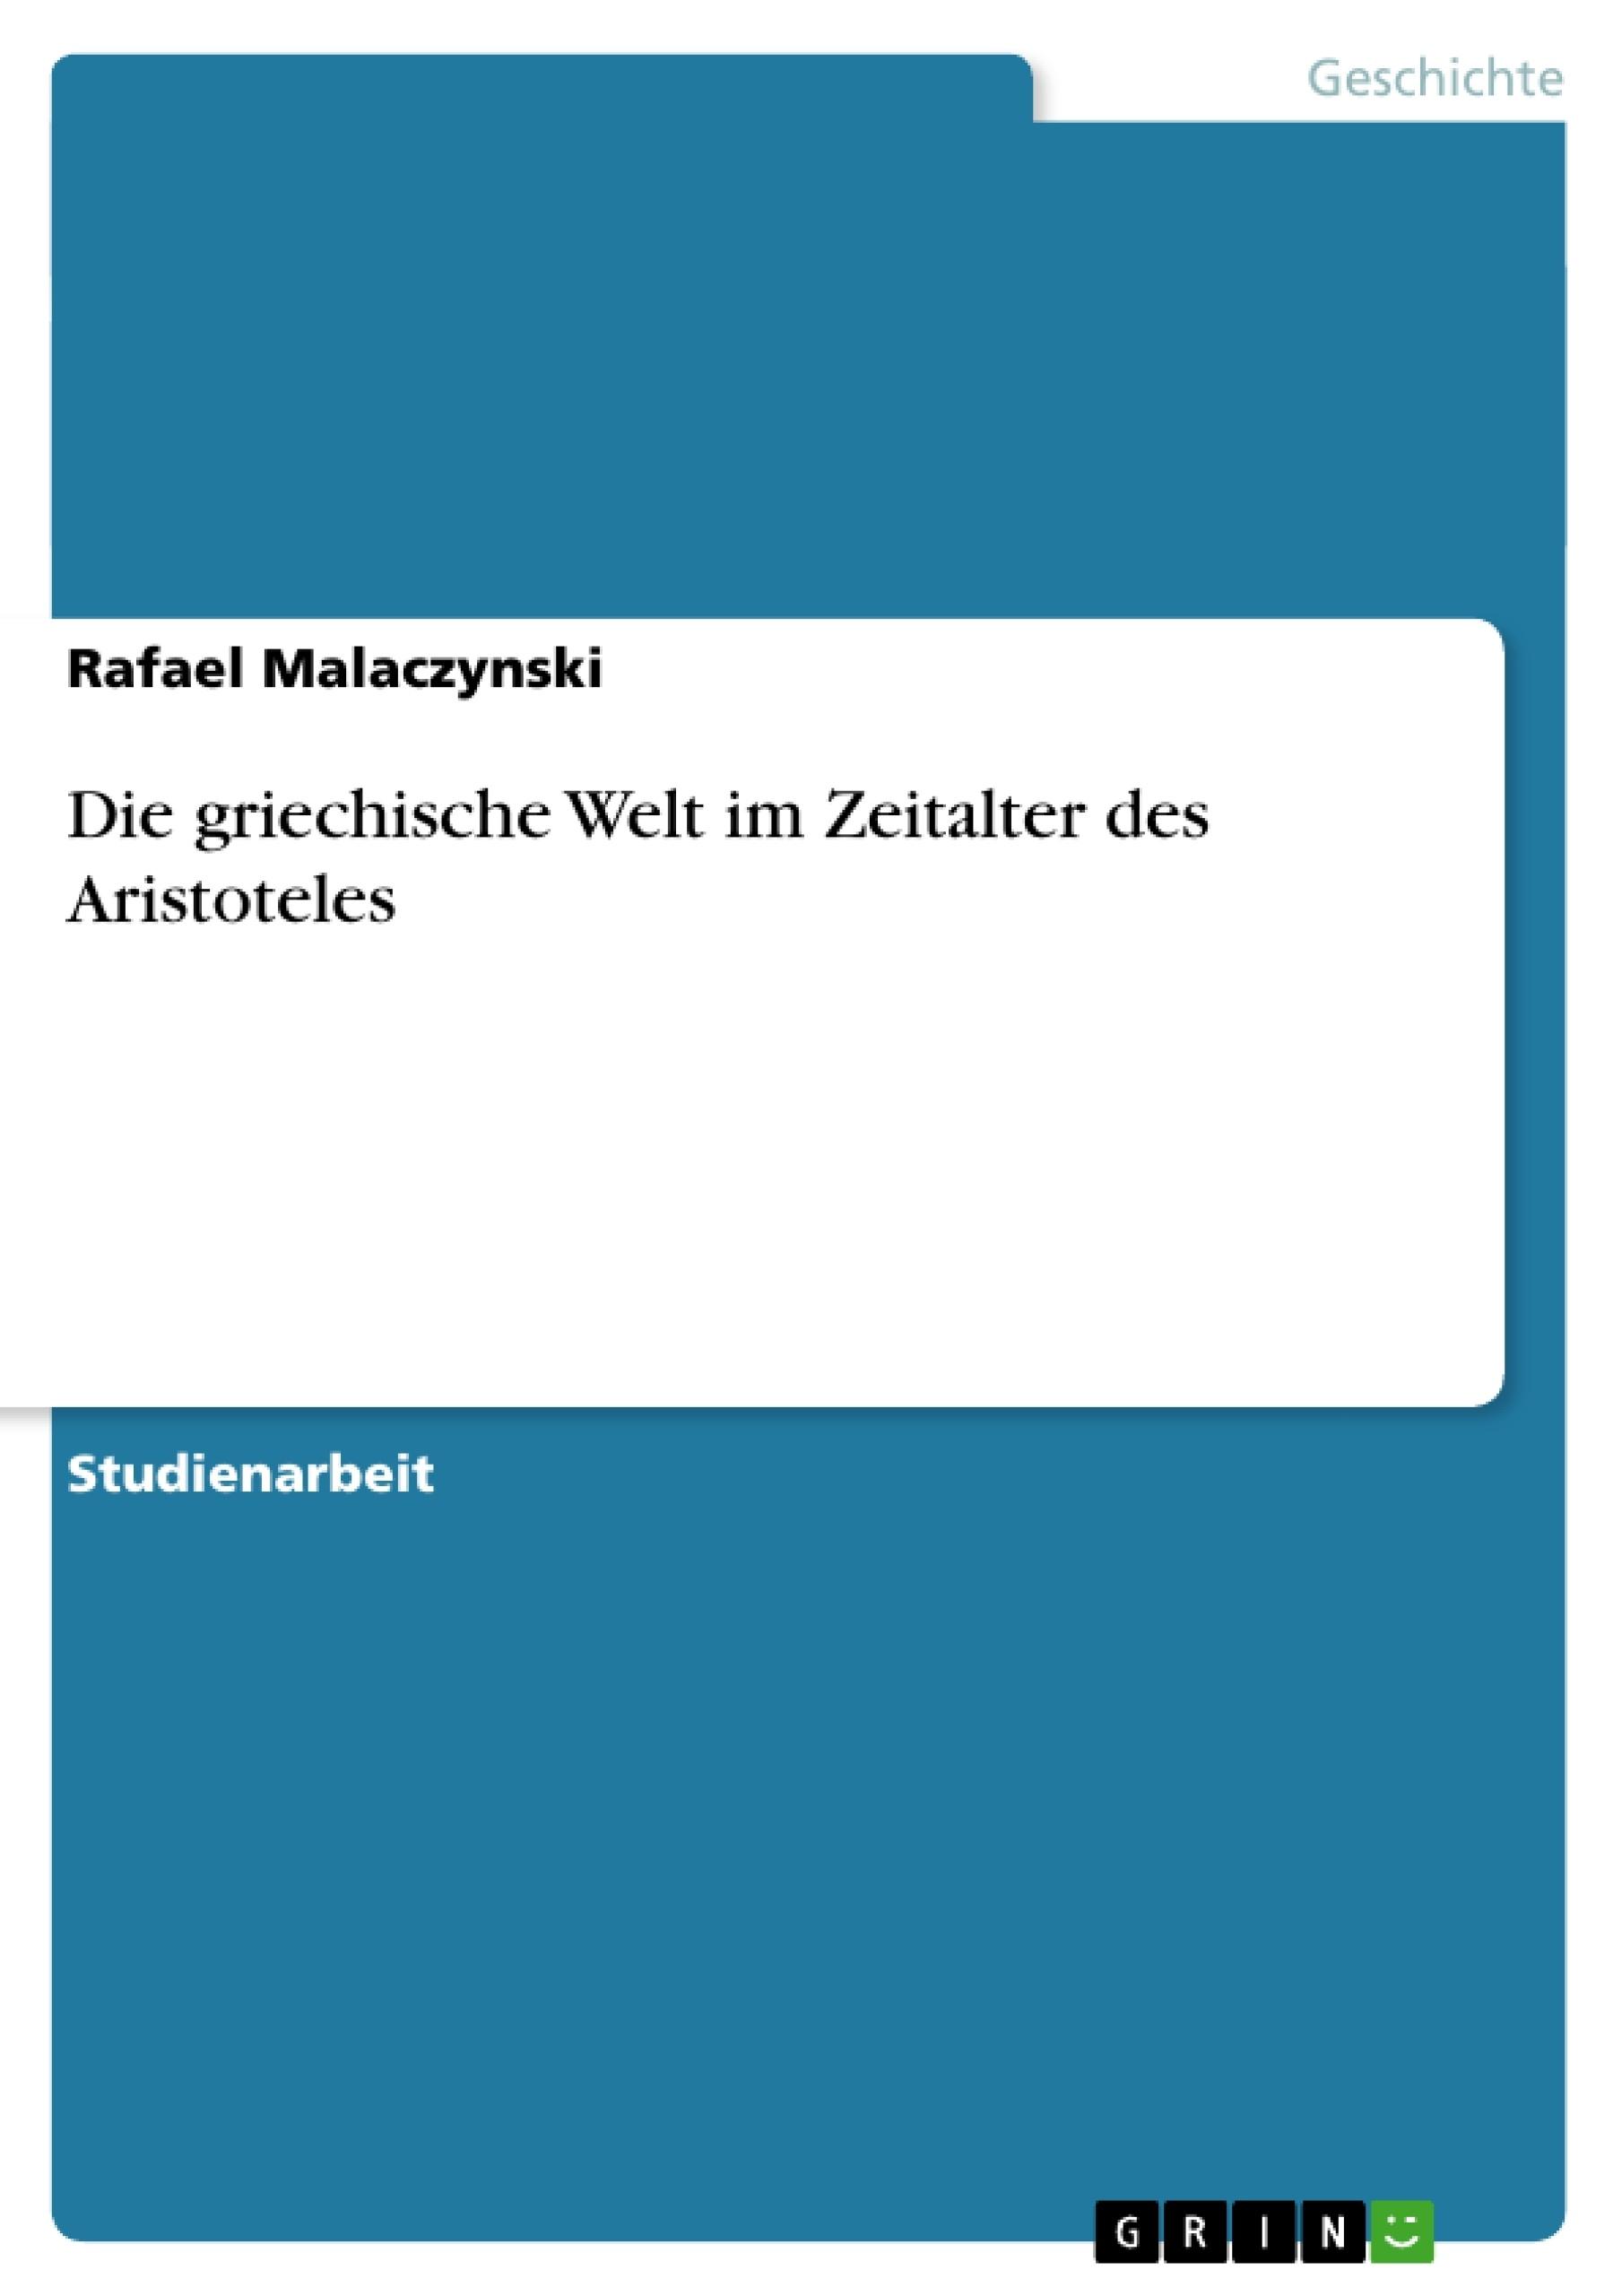 Titel: Die griechische Welt im Zeitalter des Aristoteles